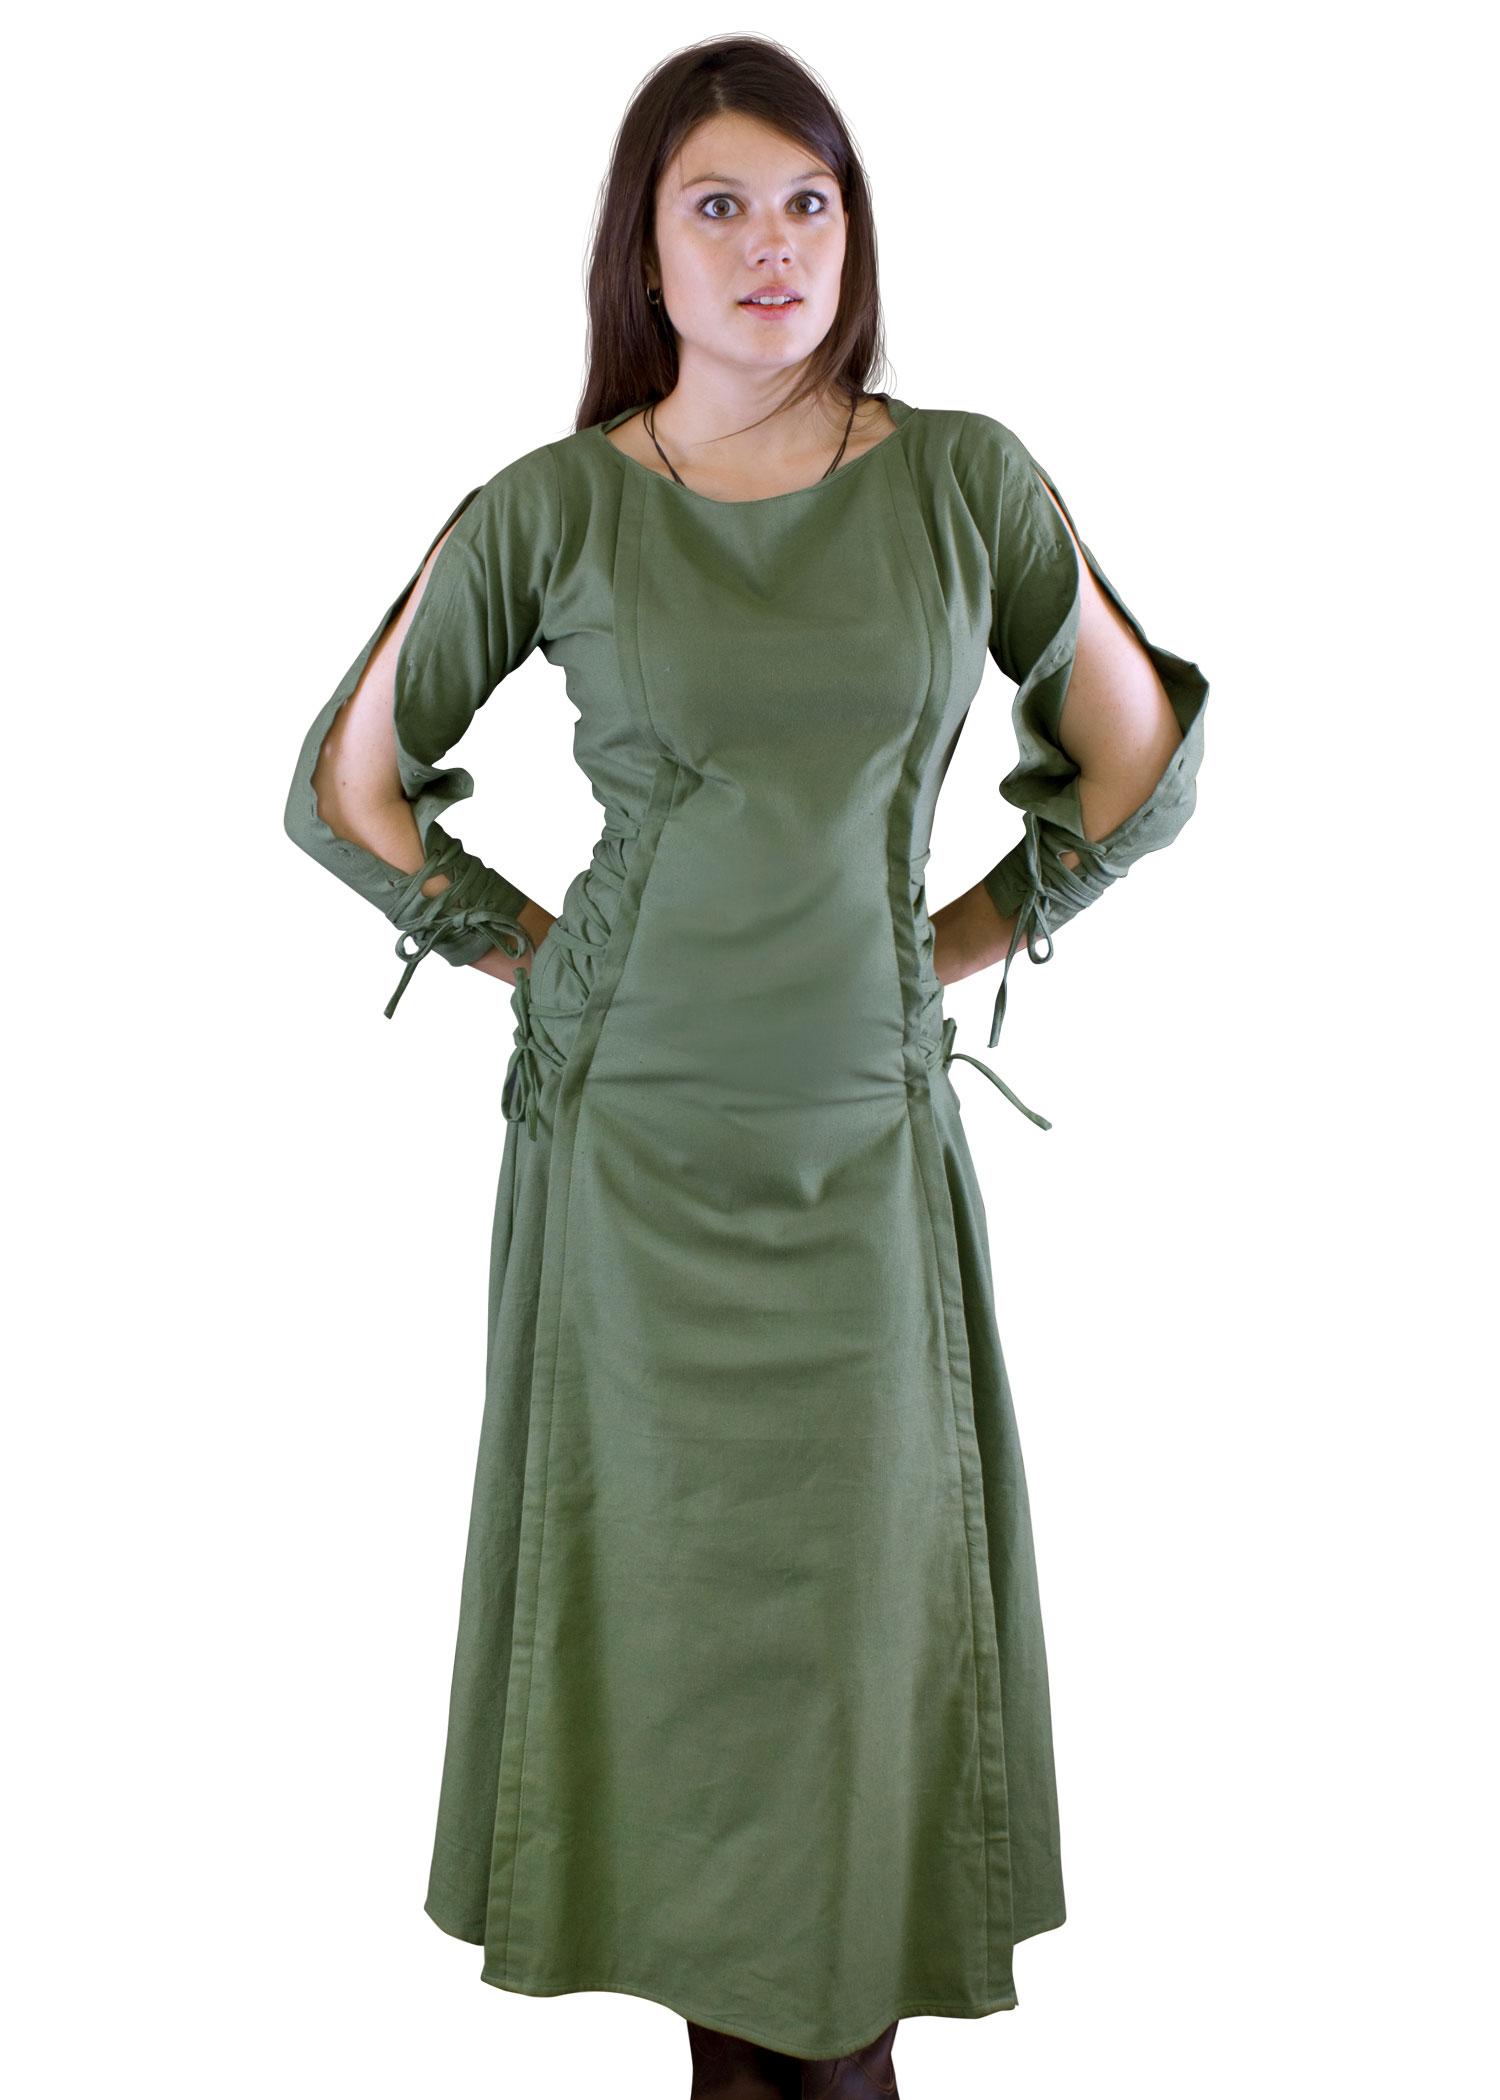 Details zu Priesterin-Kleid, olivgrün